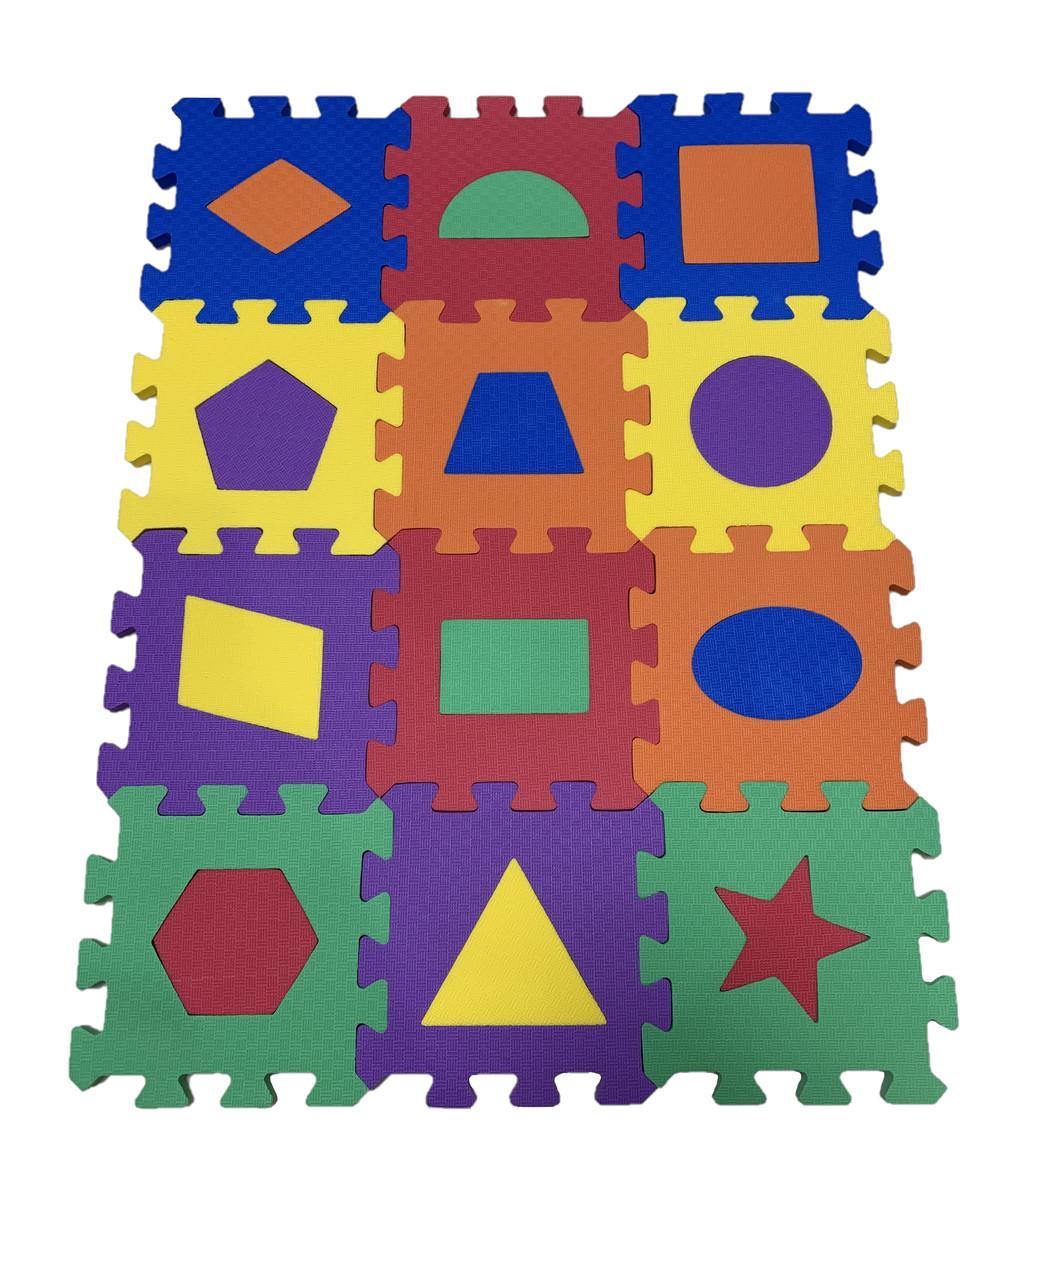 Коврик-пазл EVA , «Весела геометрія» набір 12 шт. 0,22 м2, 13,5х13,5 см, т. 8-10 мм  щ. 100 кг/м3, TERMOIZOL®